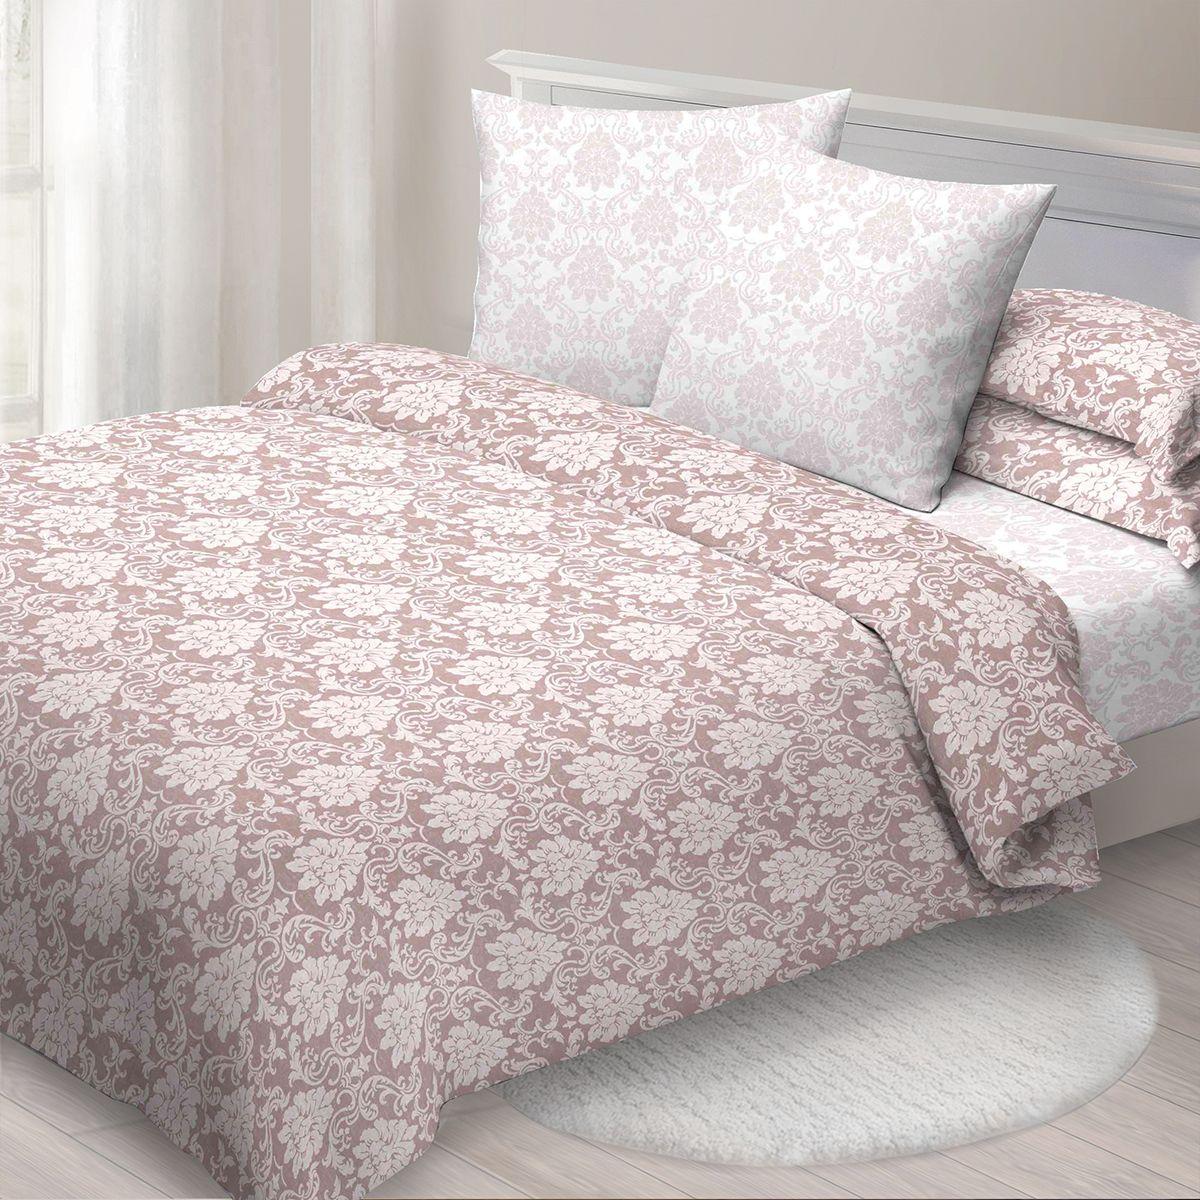 Комплект белья Спал Спалыч Лацио, 1,5-спальное, наволочки 70x70, цвет: бежевый недорогое